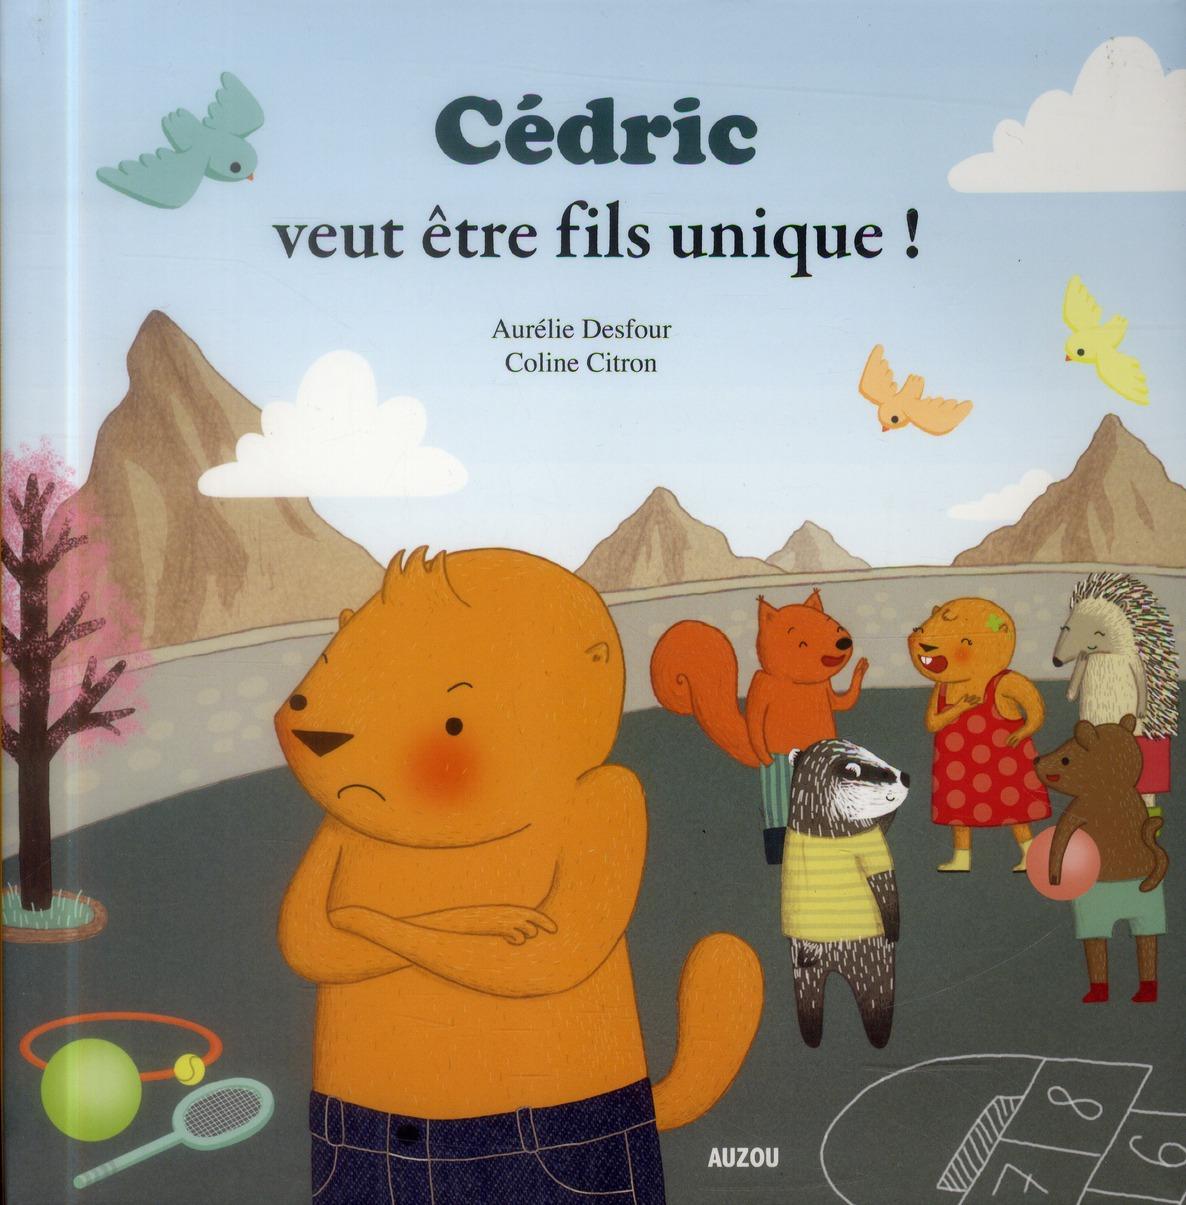 Cédric veut être fils unique !